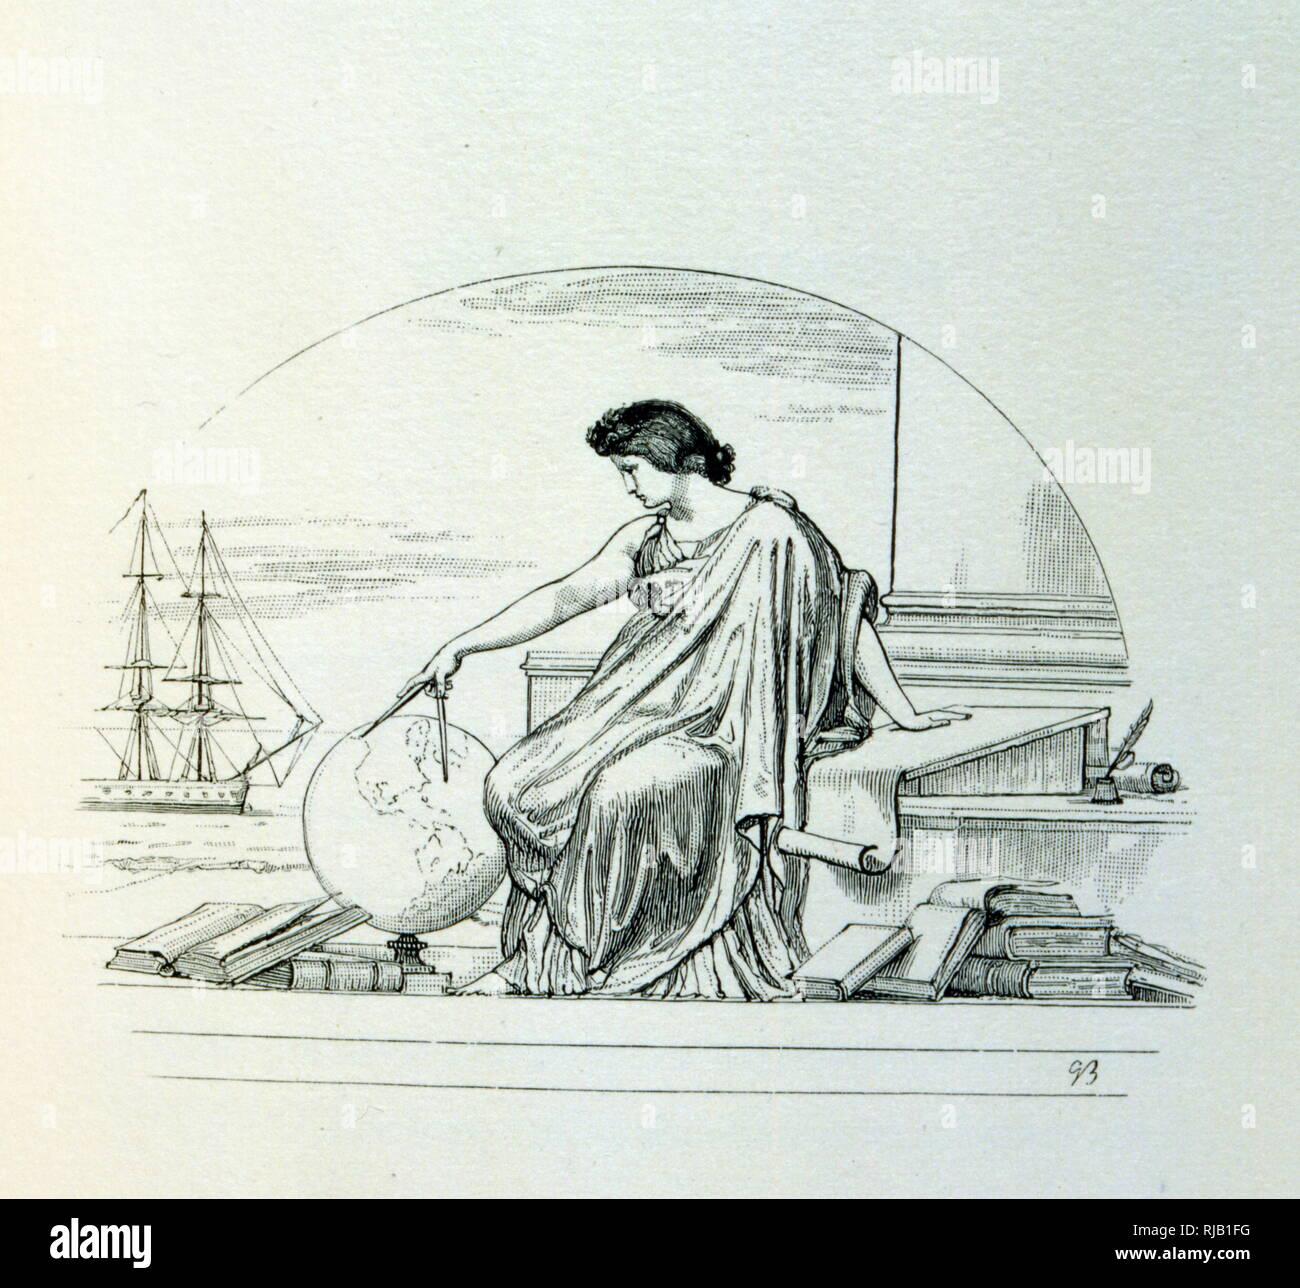 """Illustration von G. Bellenger, für 'Les Destinees"""" eine Sammlung von Gedichten von Alfred Victor, Comte de Vigny (1797 - 1863); französischer Dichter und früher Führer der französischen Romantik. Stockbild"""